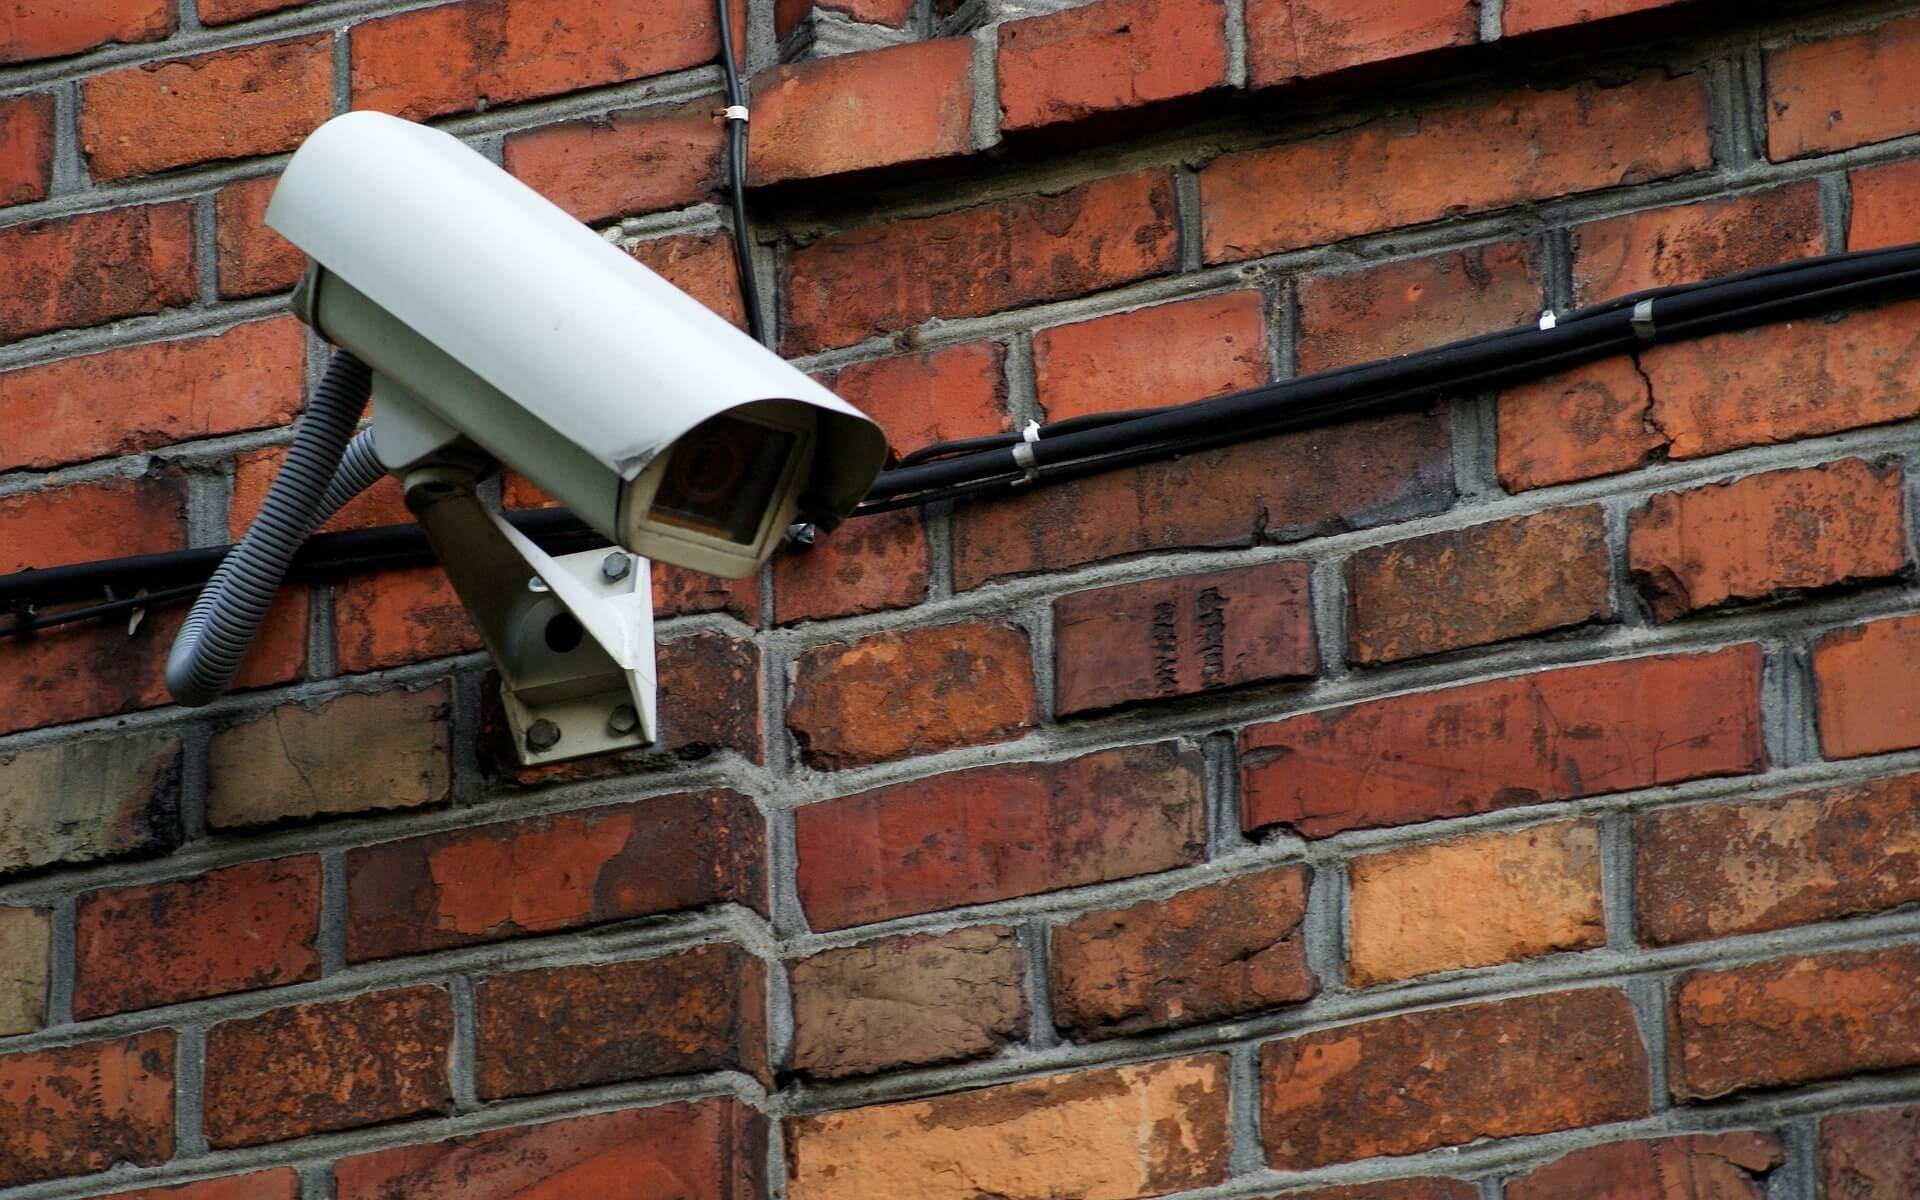 Telecamere di videosorveglianza, quali caratteristiche devono avere